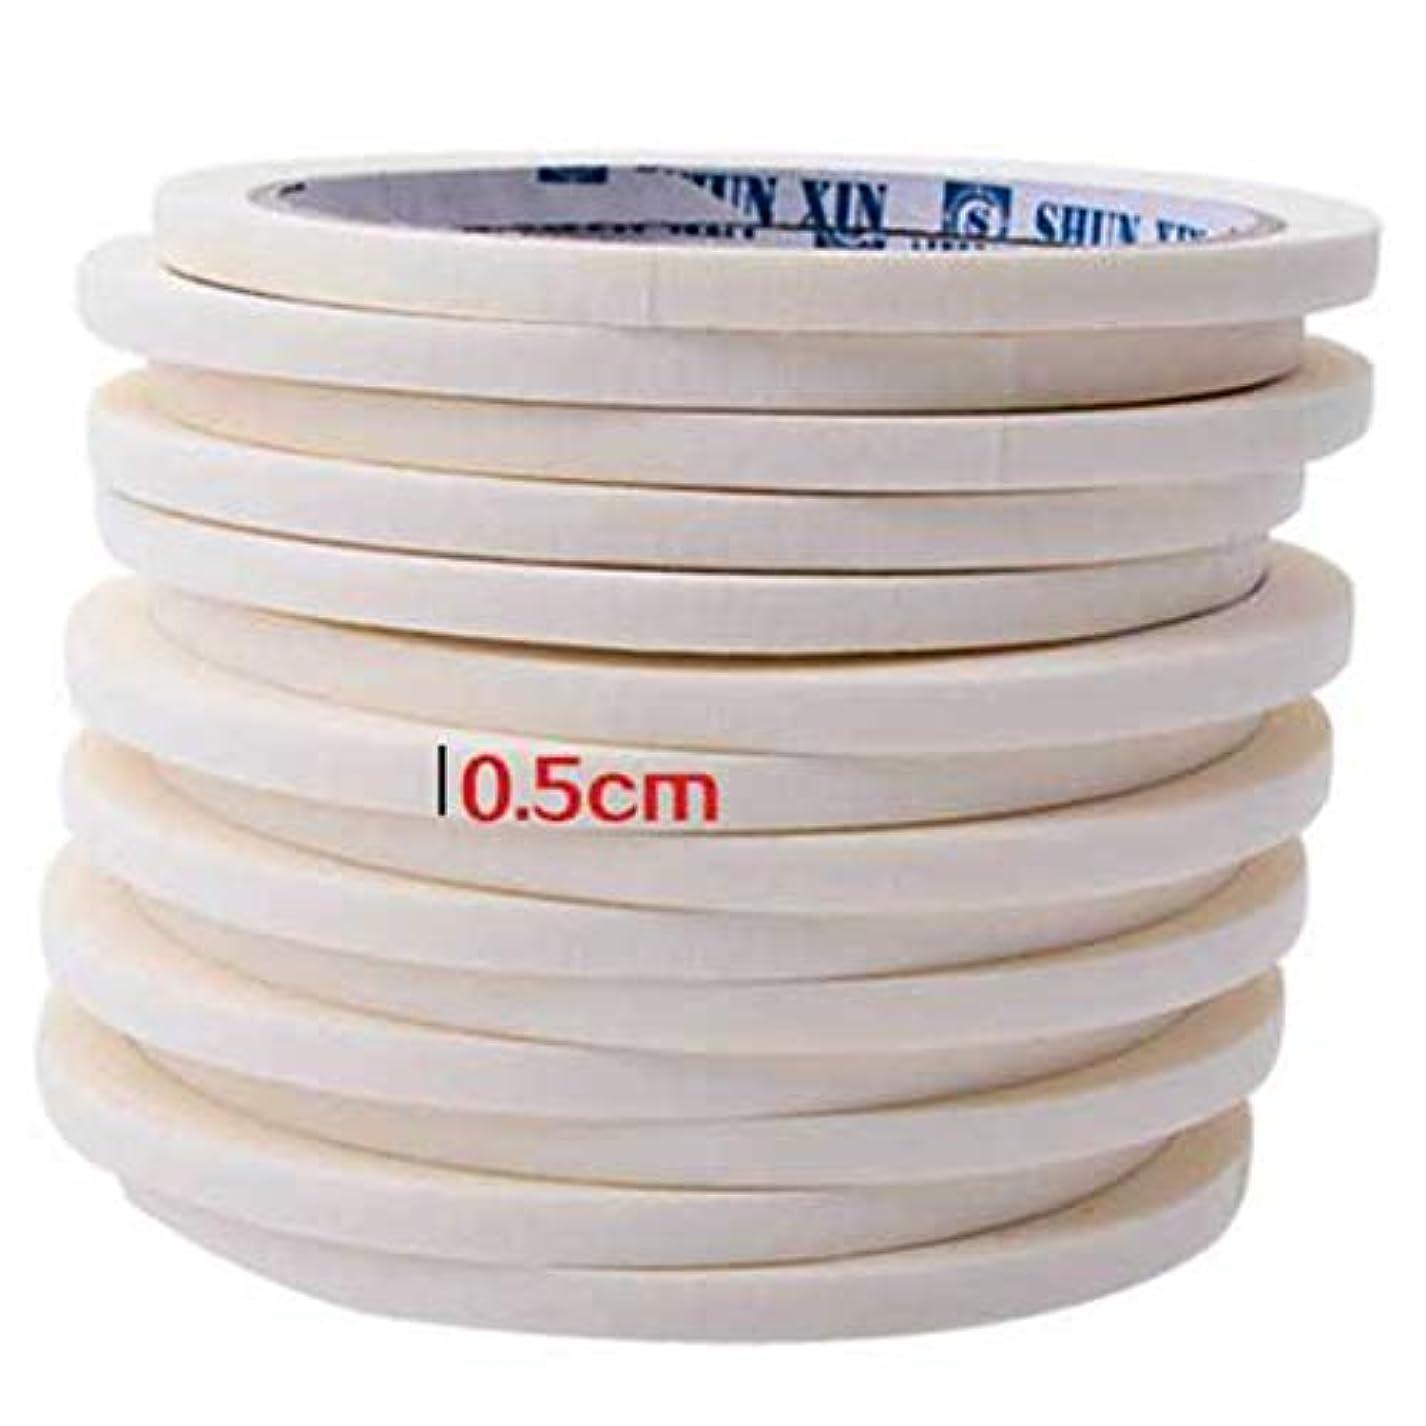 軍団勧める航海のBirdlanternネイルテープ0.5センチマスキングテープ装飾パターンネイルポリッシュツールマニキュアネイルアートネイルテープアクセサリー用マニキュア